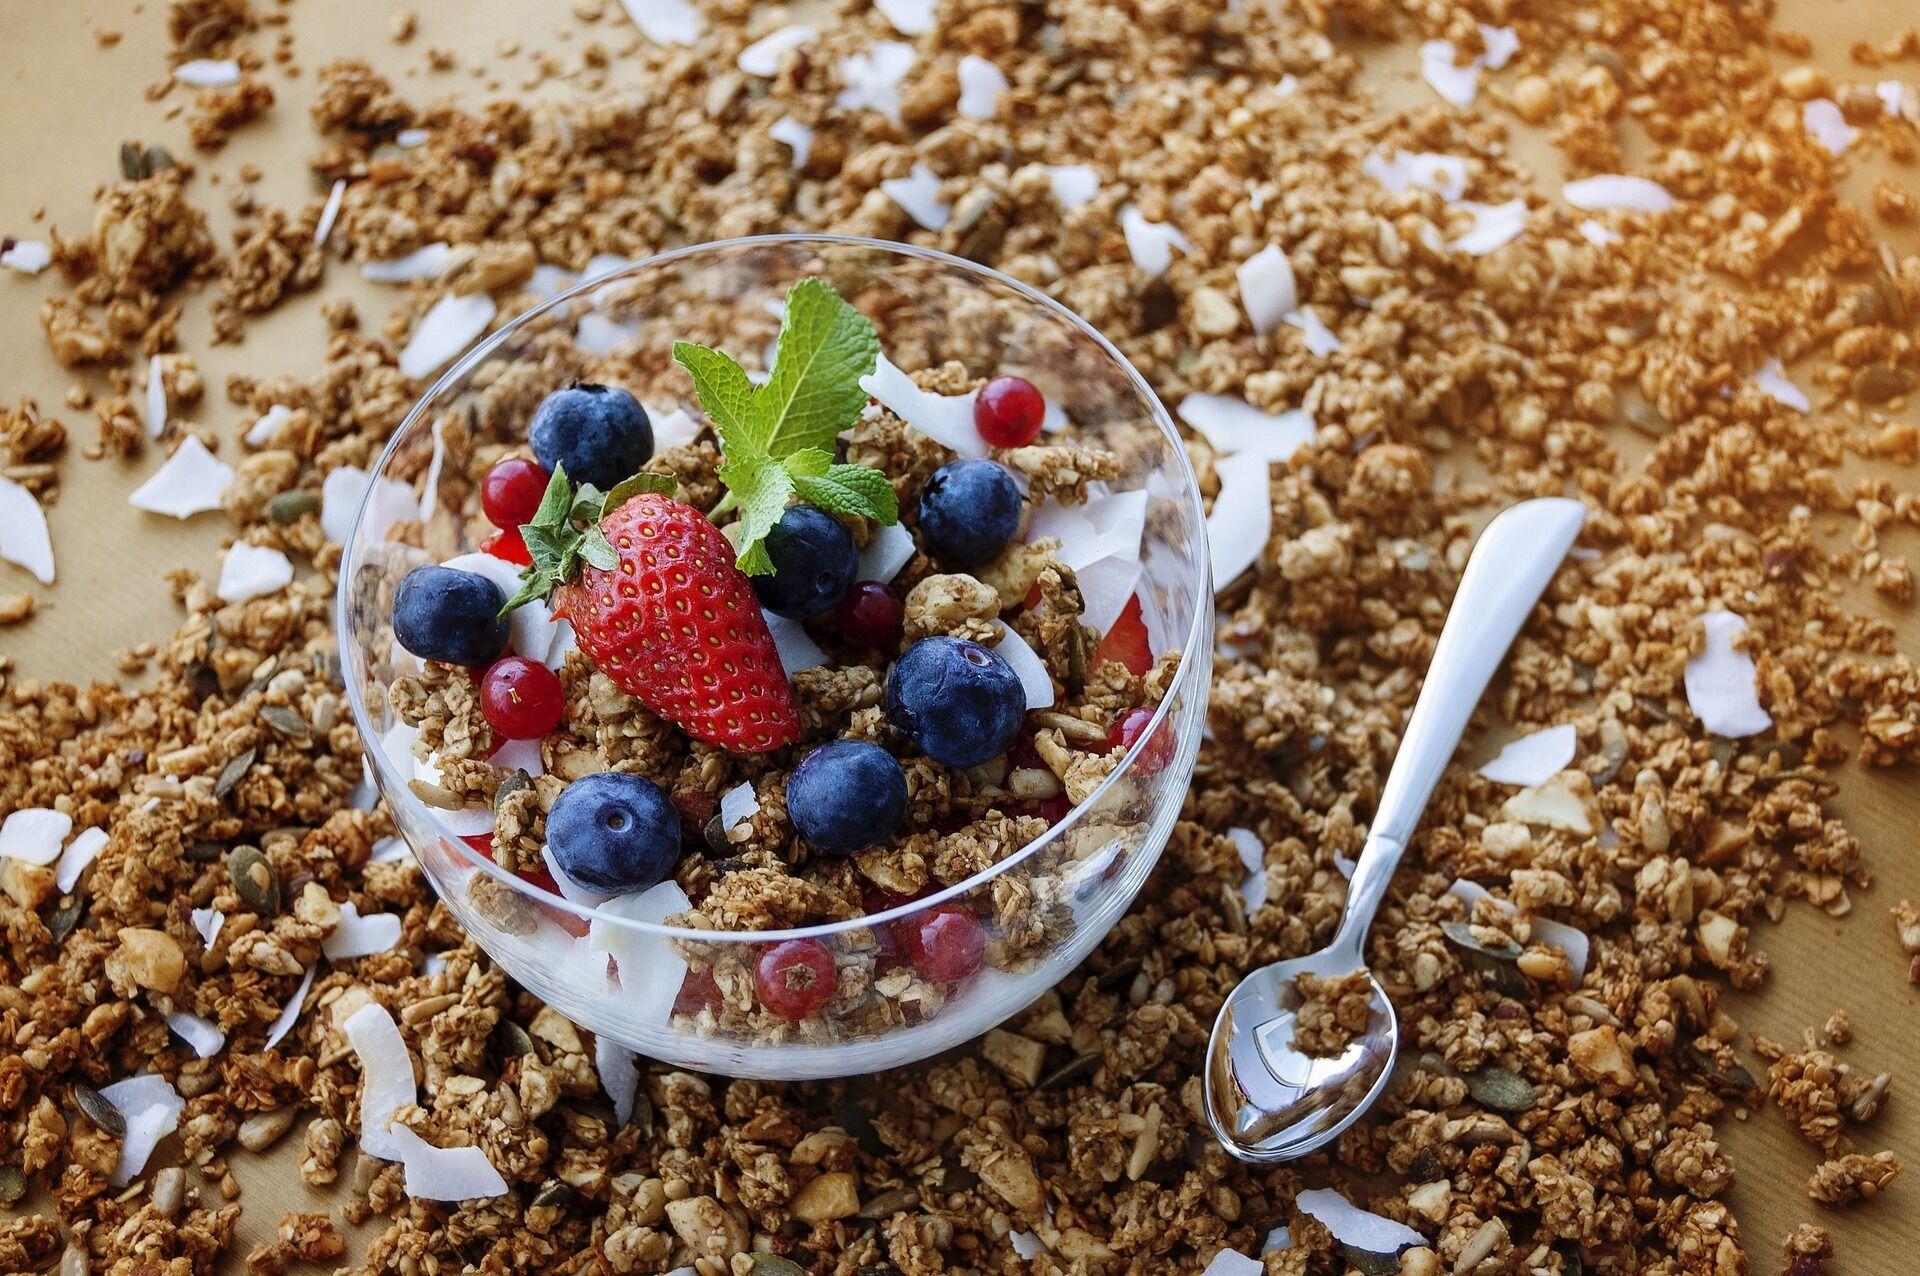 Що потрібно їсти на сніданок: порада дієтолога.